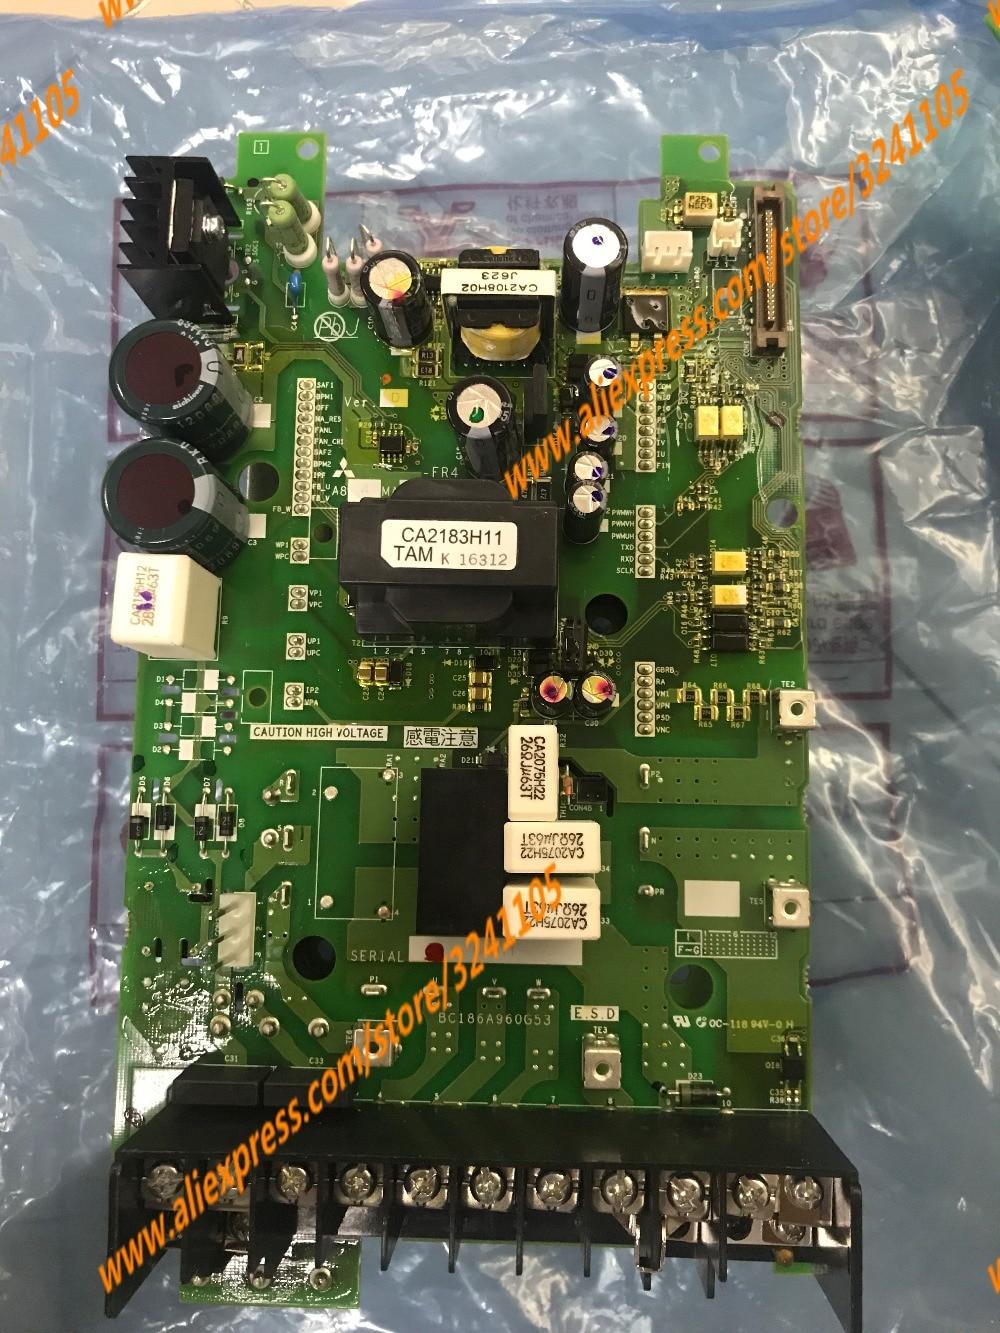 A84MA2.2C60 nouveau module de panneau de puissance de convertisseur BC186A960G53A84MA2.2C60 nouveau module de panneau de puissance de convertisseur BC186A960G53